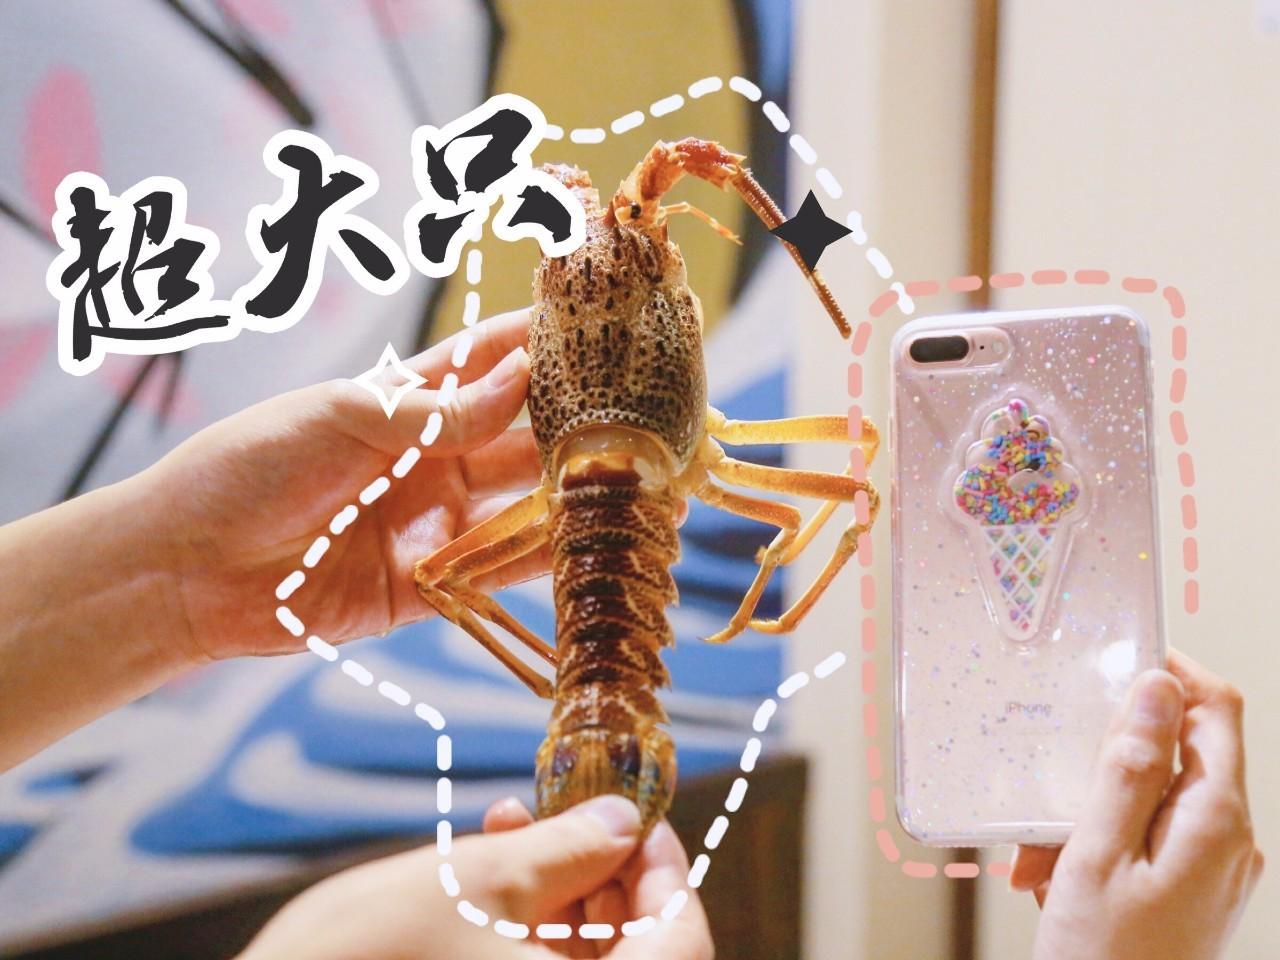 送澳洲龙虾 被国产深夜食堂尬到的食欲在这里被治愈了